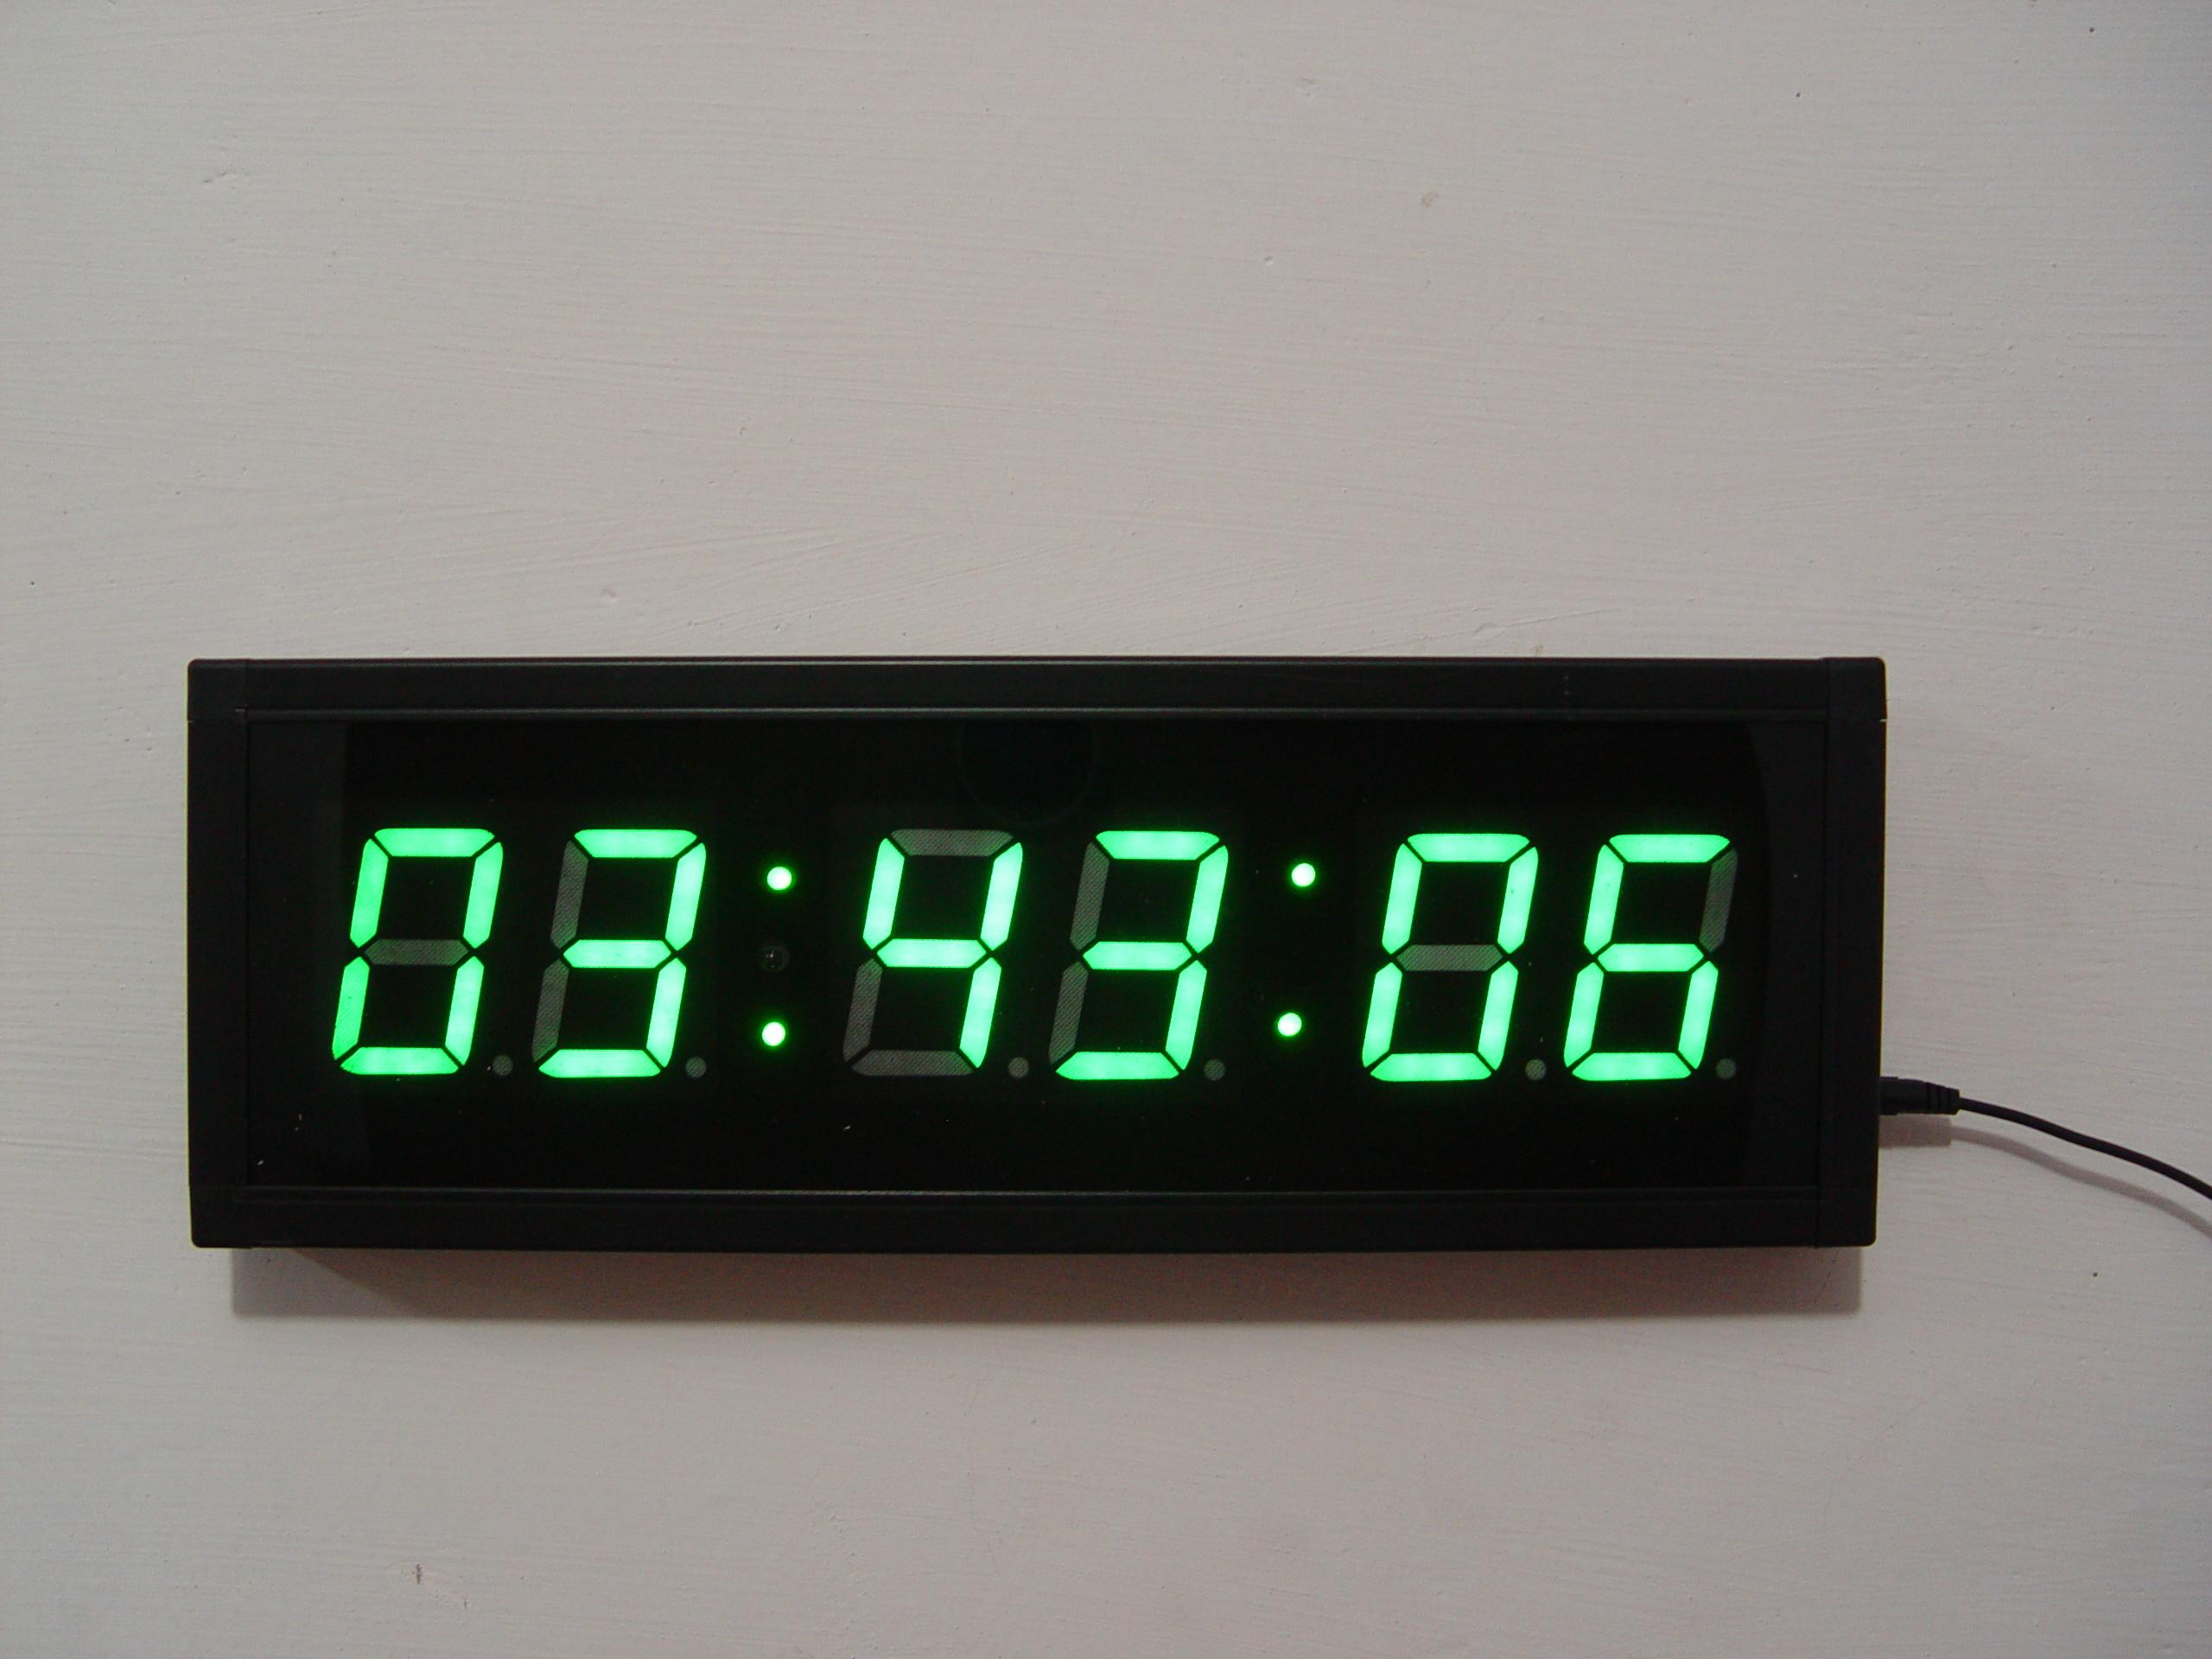 双面会议计时器LED数码提醒器考试健身钟倒计时多人赛跑比赛高亮